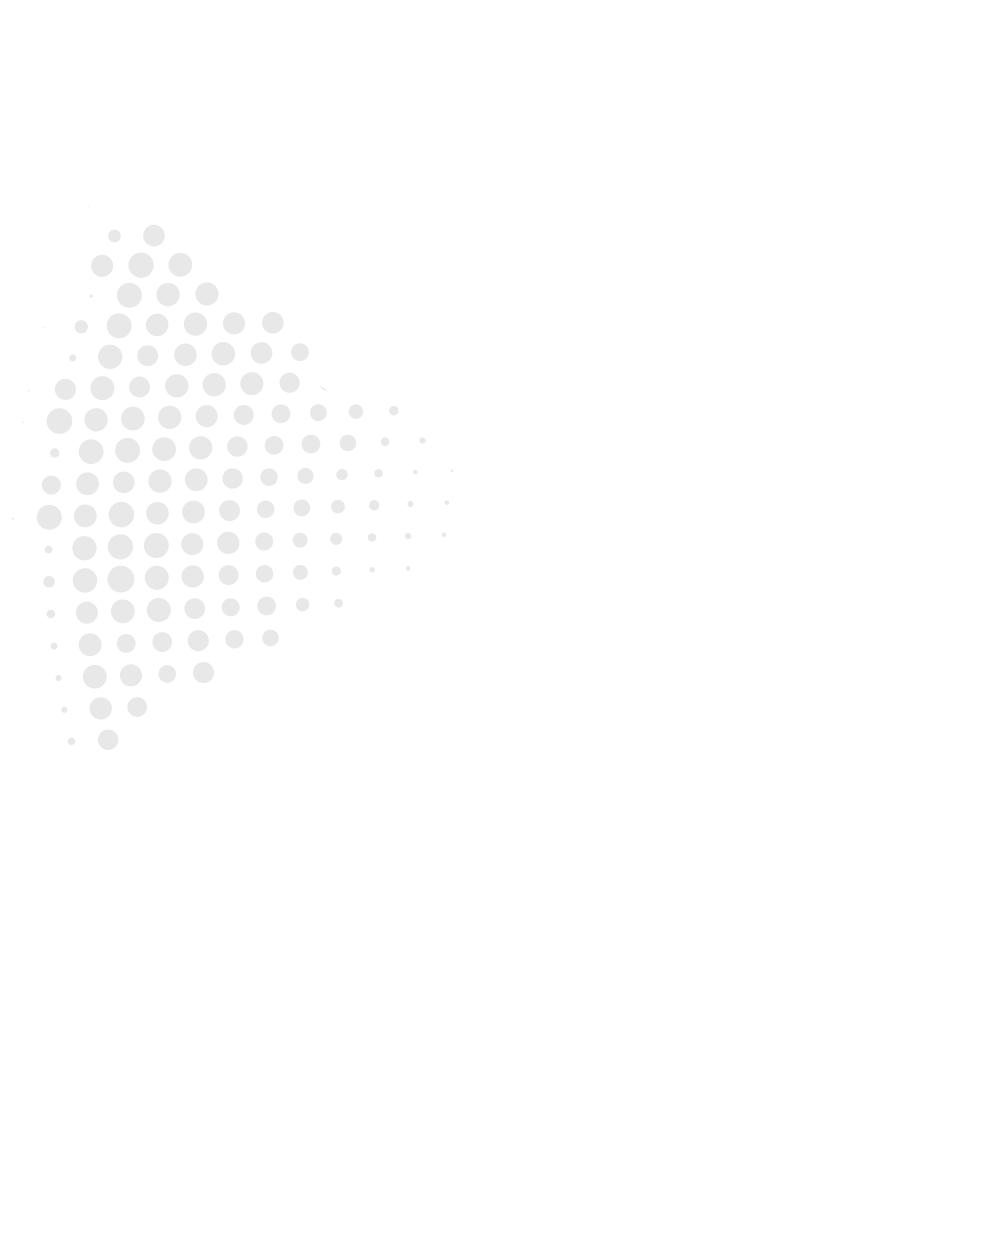 slajd1-tlo6